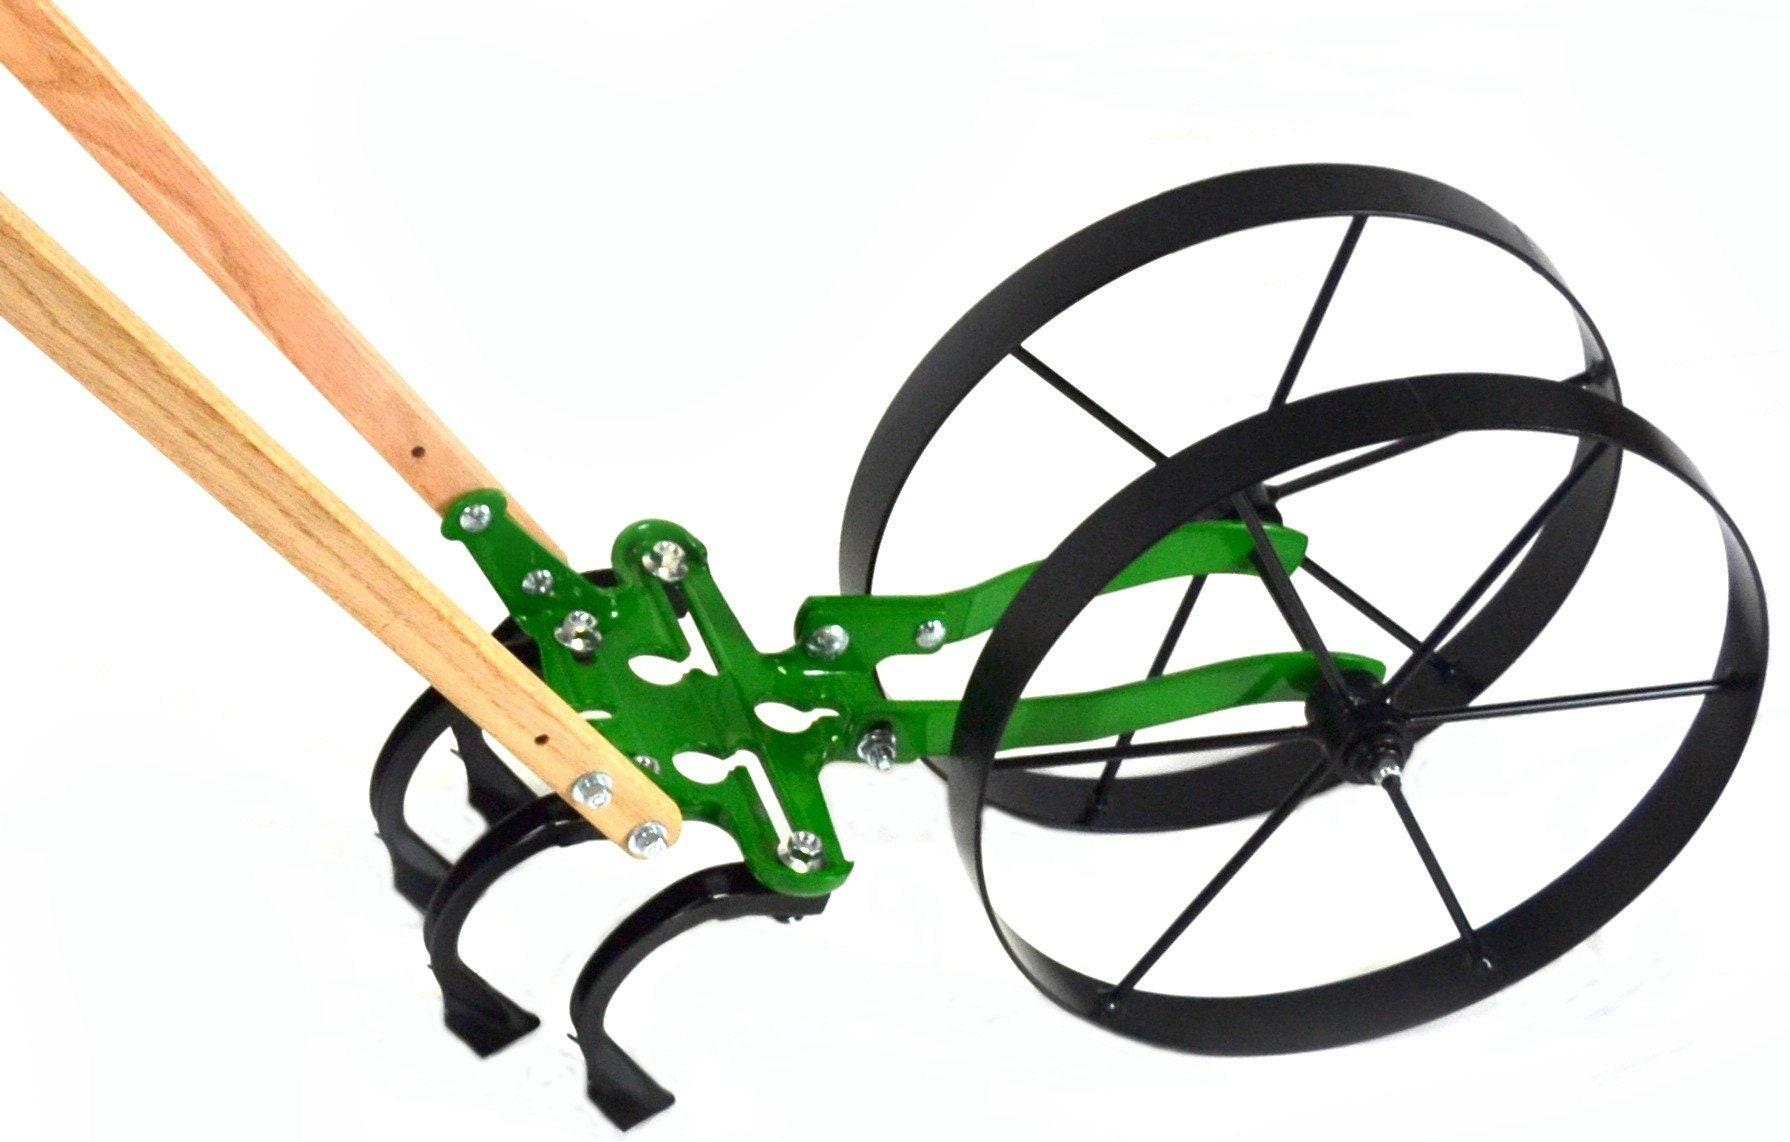 Double Double Double roue jardin bineuse avec poignées Standard d5d8dd